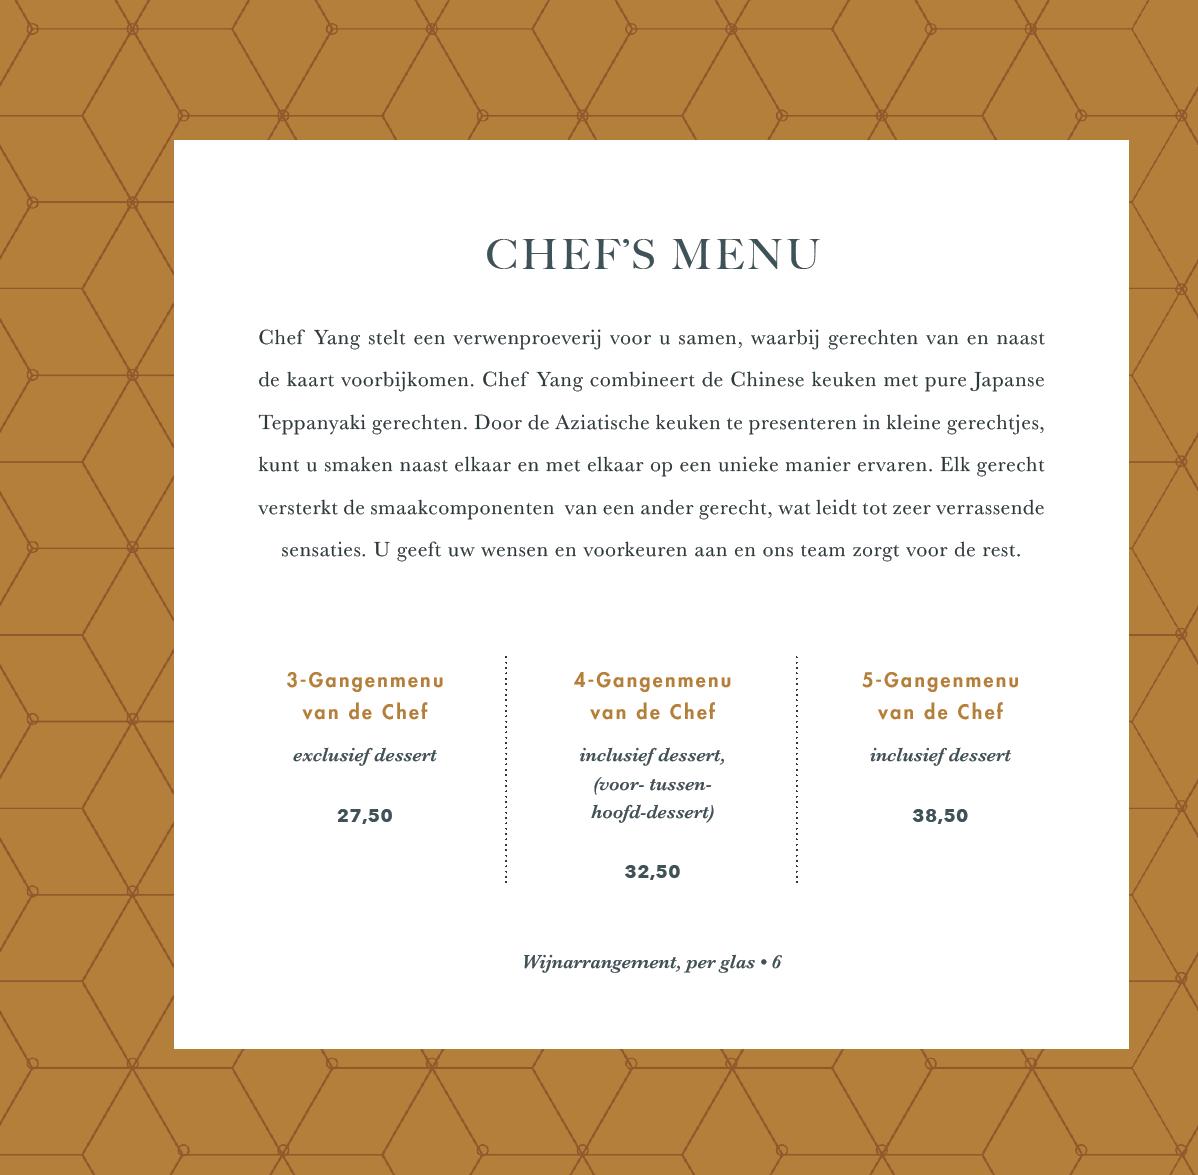 chefsmenukaart